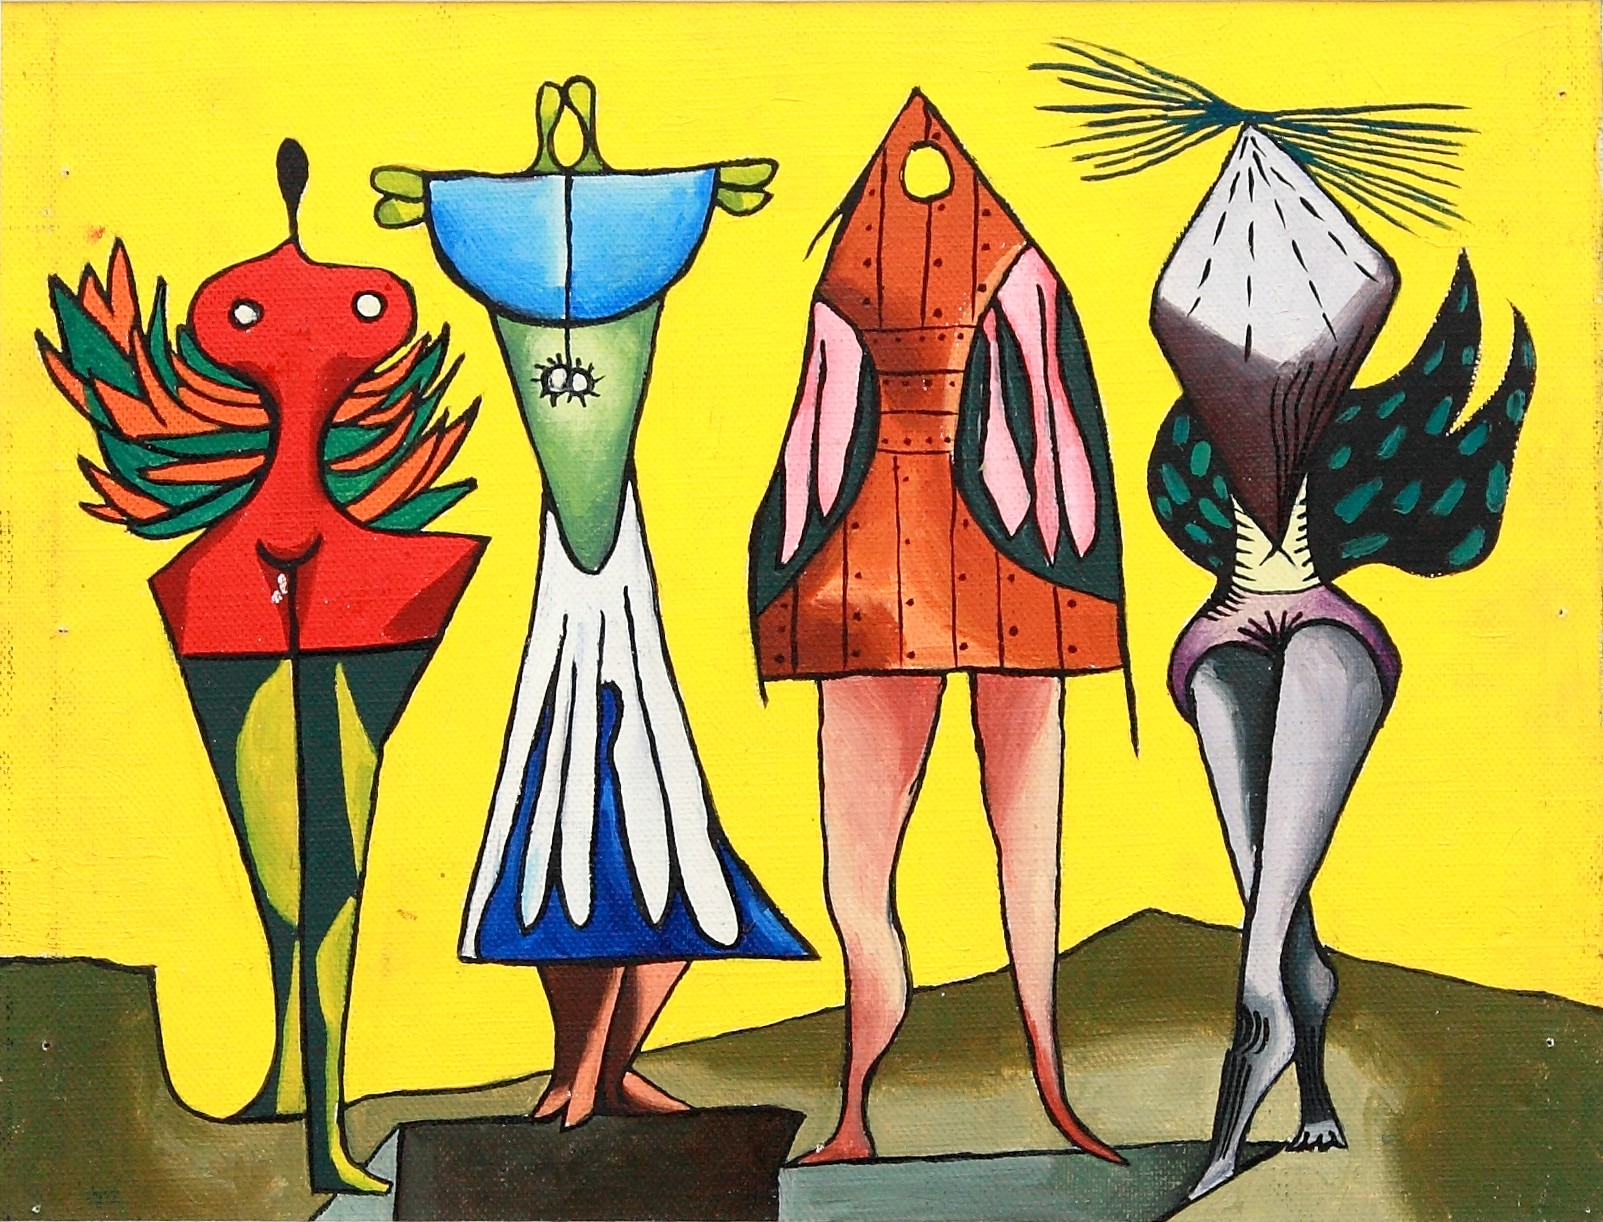 Galas de Nadja (Nadja's Elegant Outfit), 1950